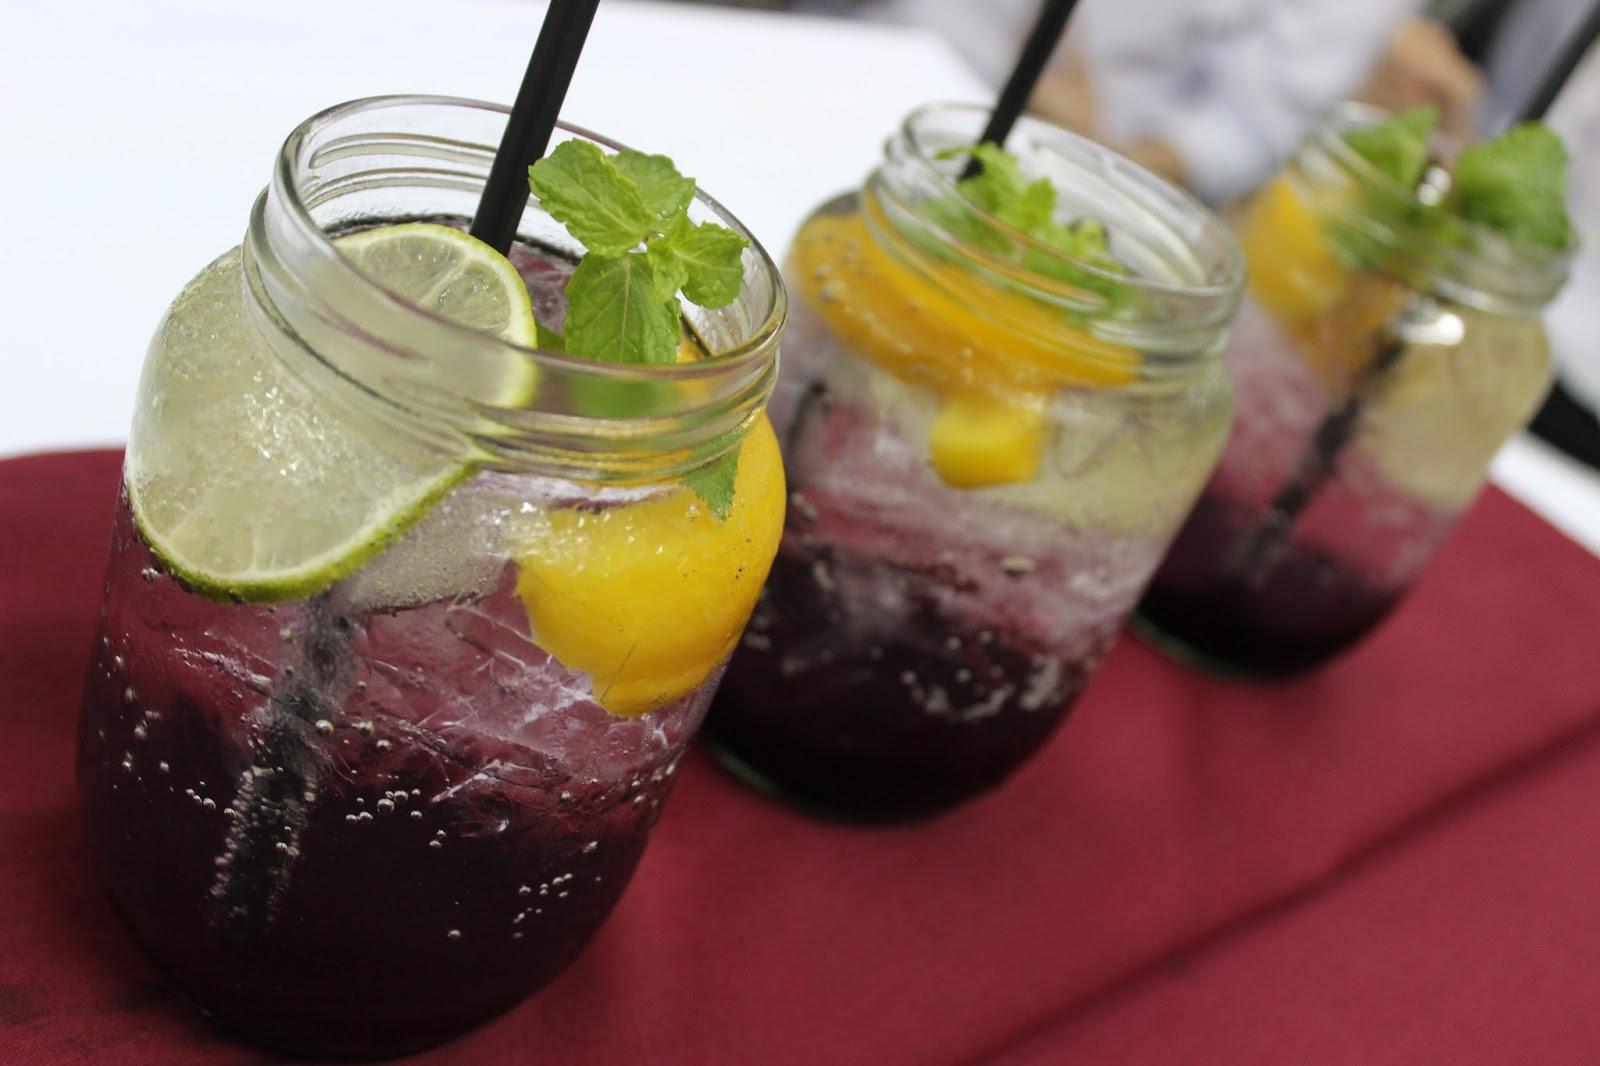 Ngoài là quán cafe Phú Yên đẹp, thì đồ uống cũng là yếu tố làm nên một thương hiệu cafe chất lượng